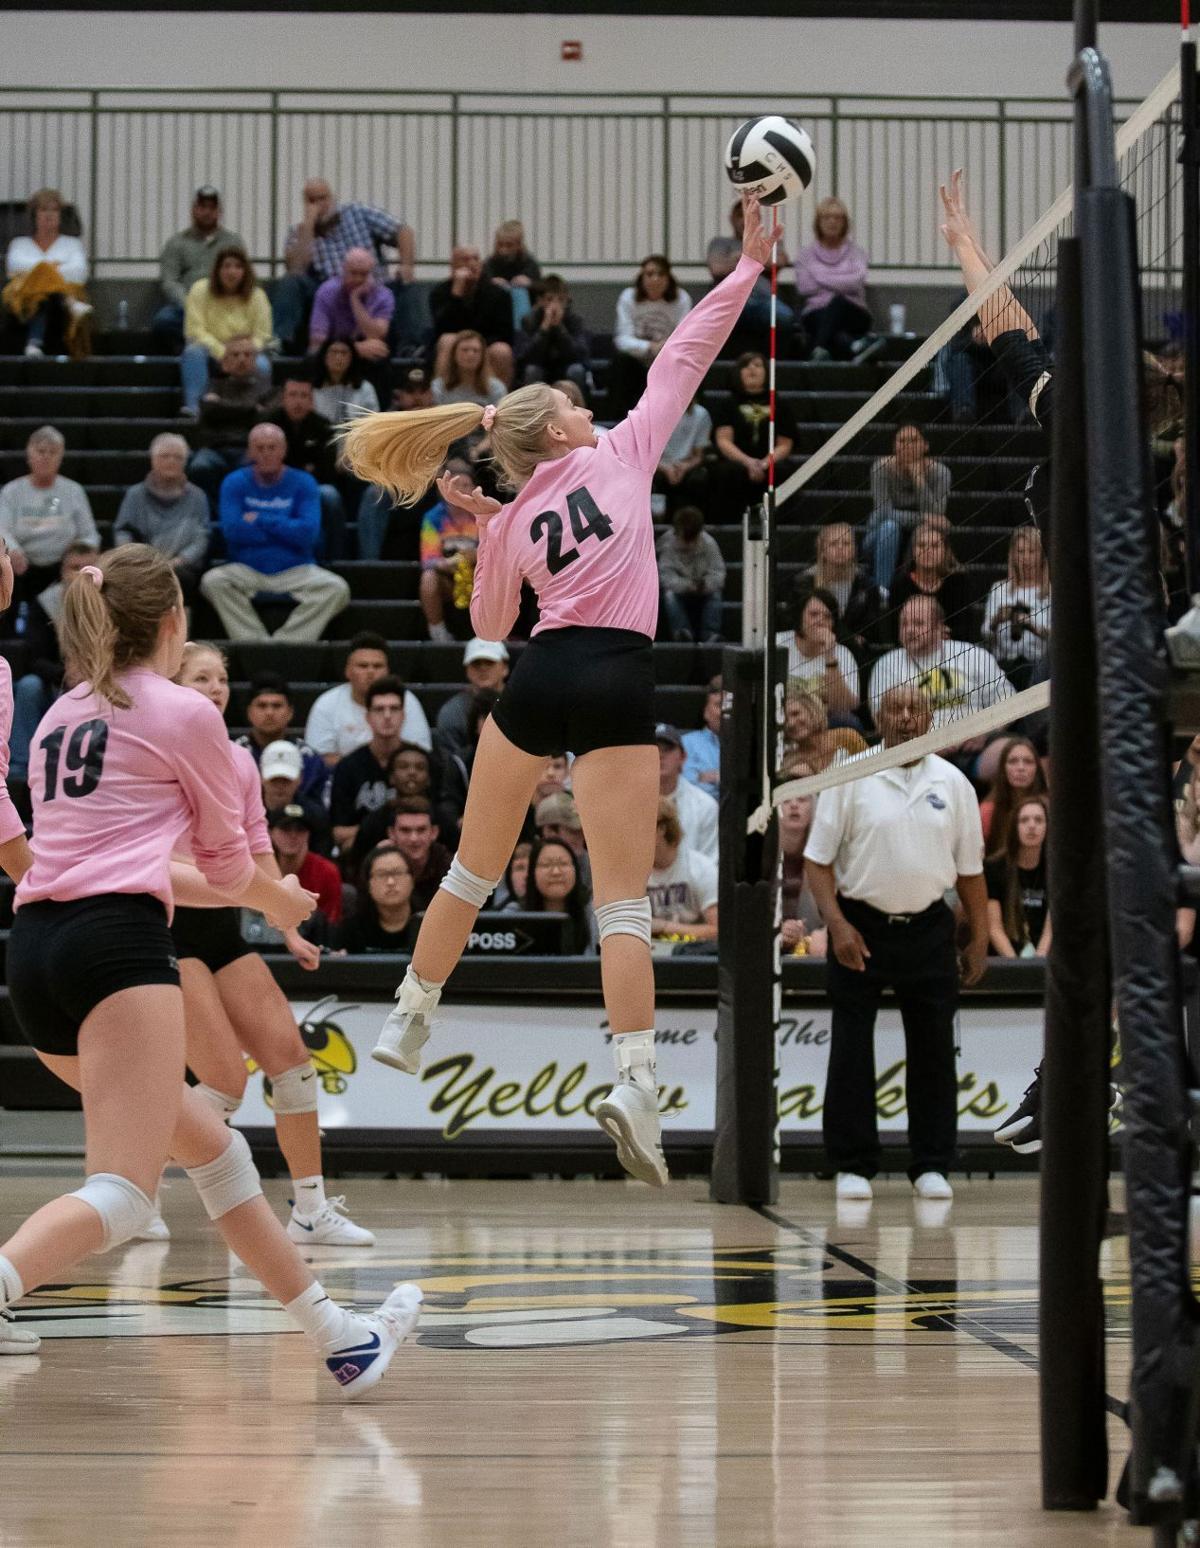 Calhoun Volleyball Playoffs - Reilly Fain